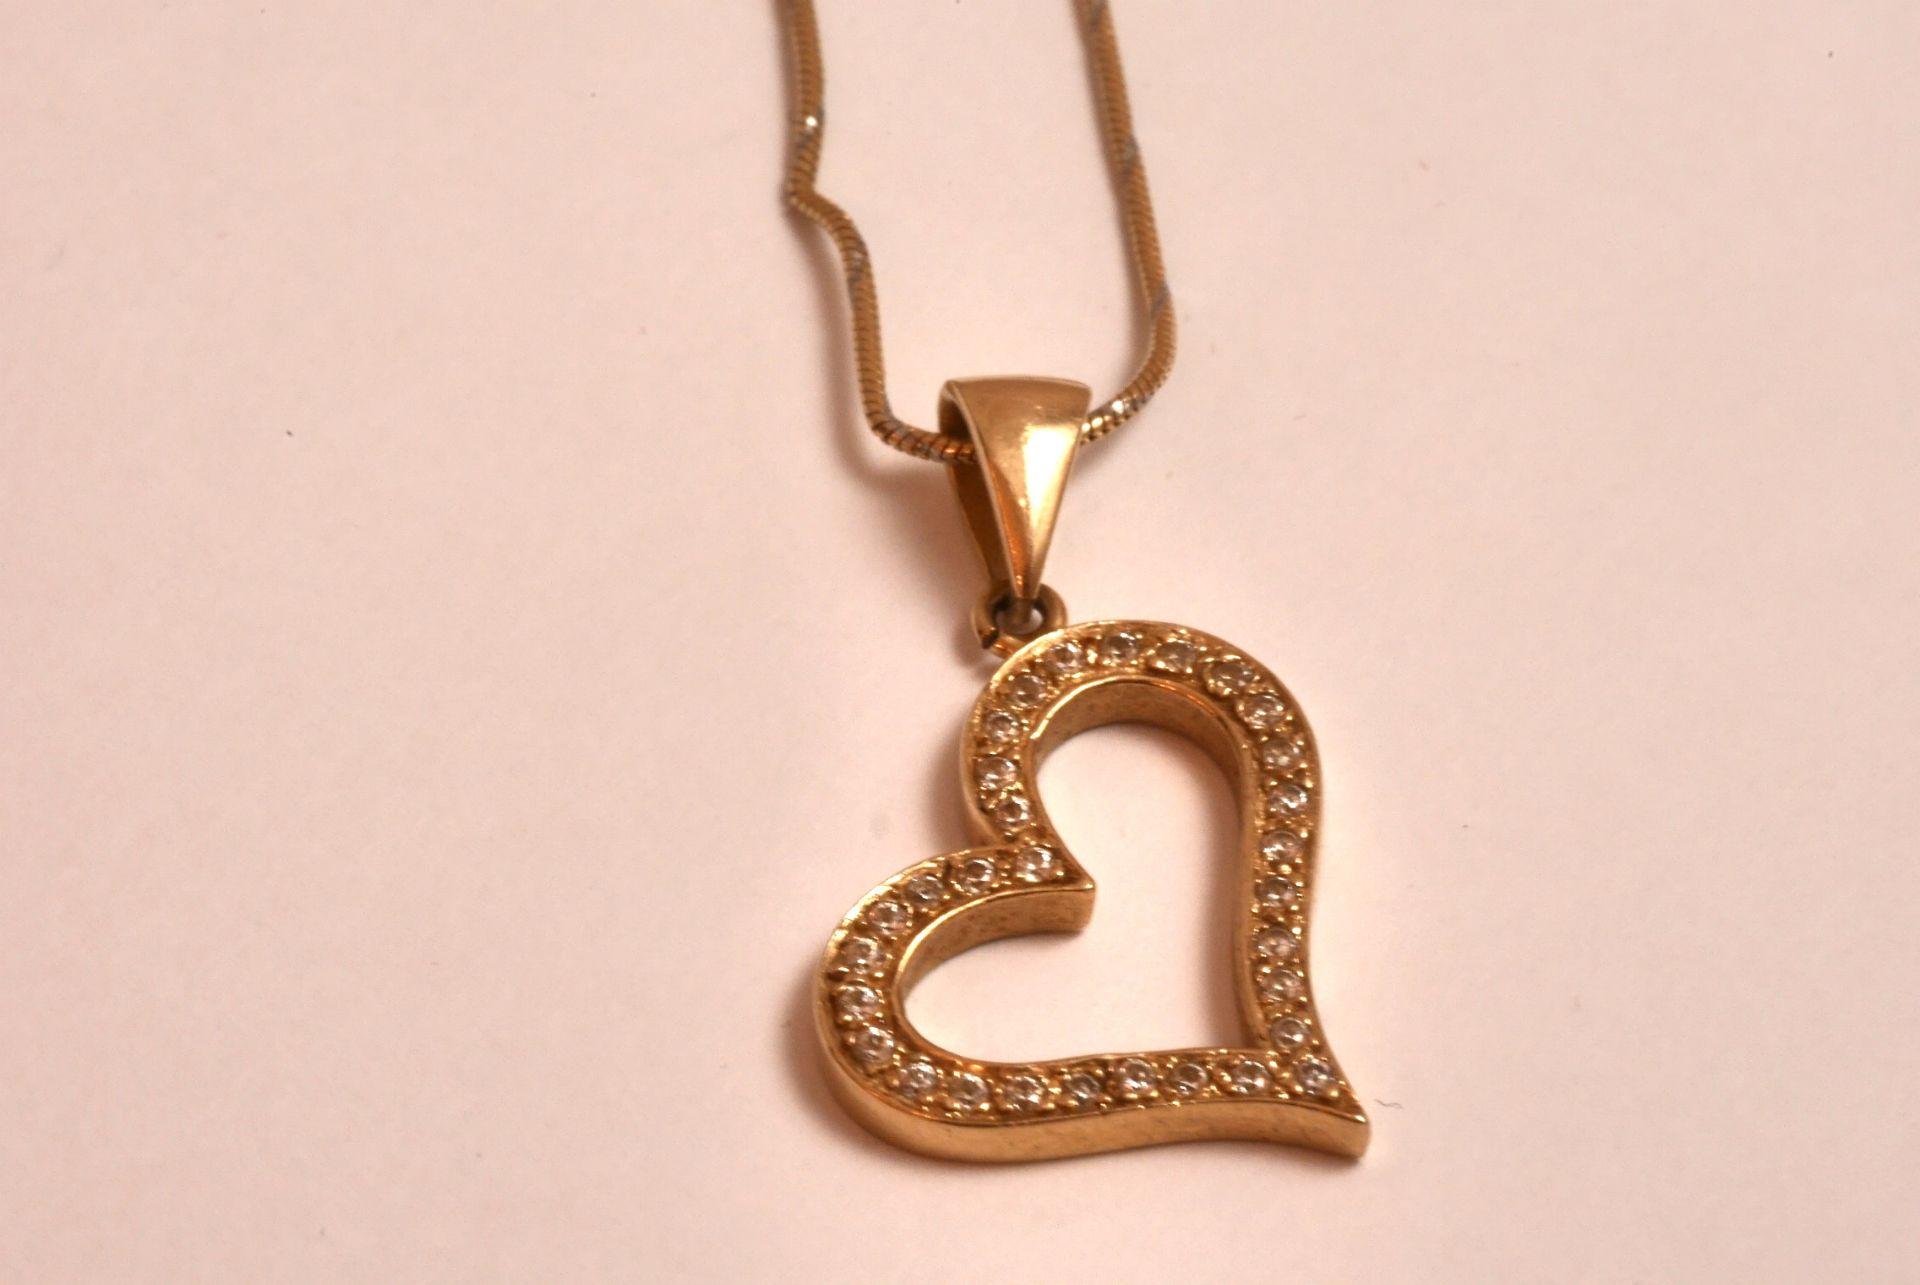 Halskette mit Herzanhänger GG 585, Zirkonia, 5,65 Gramm - Bild 2 aus 4